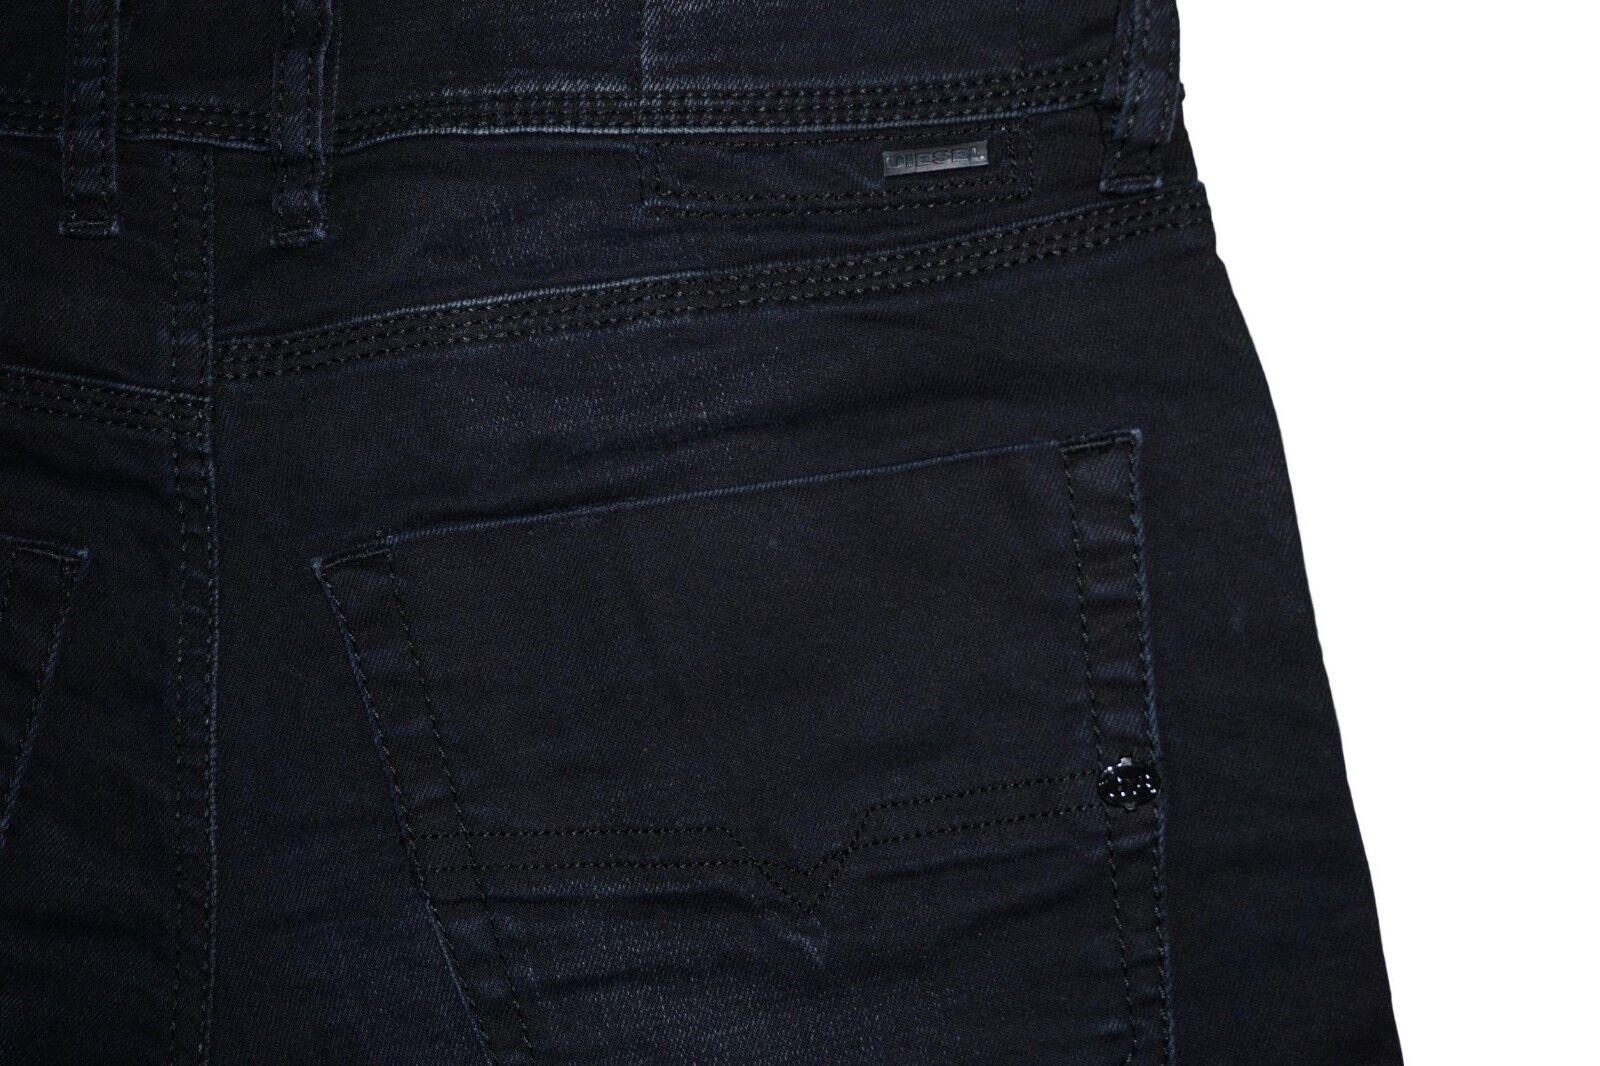 Shengshi Shengshi Shengshi star brille, a ez-vous au sentiHommes t de la clientèle Diesel Tepphar 0679R SLIM CAROTTE Jeans W31 L32 100% Authentique 173c81